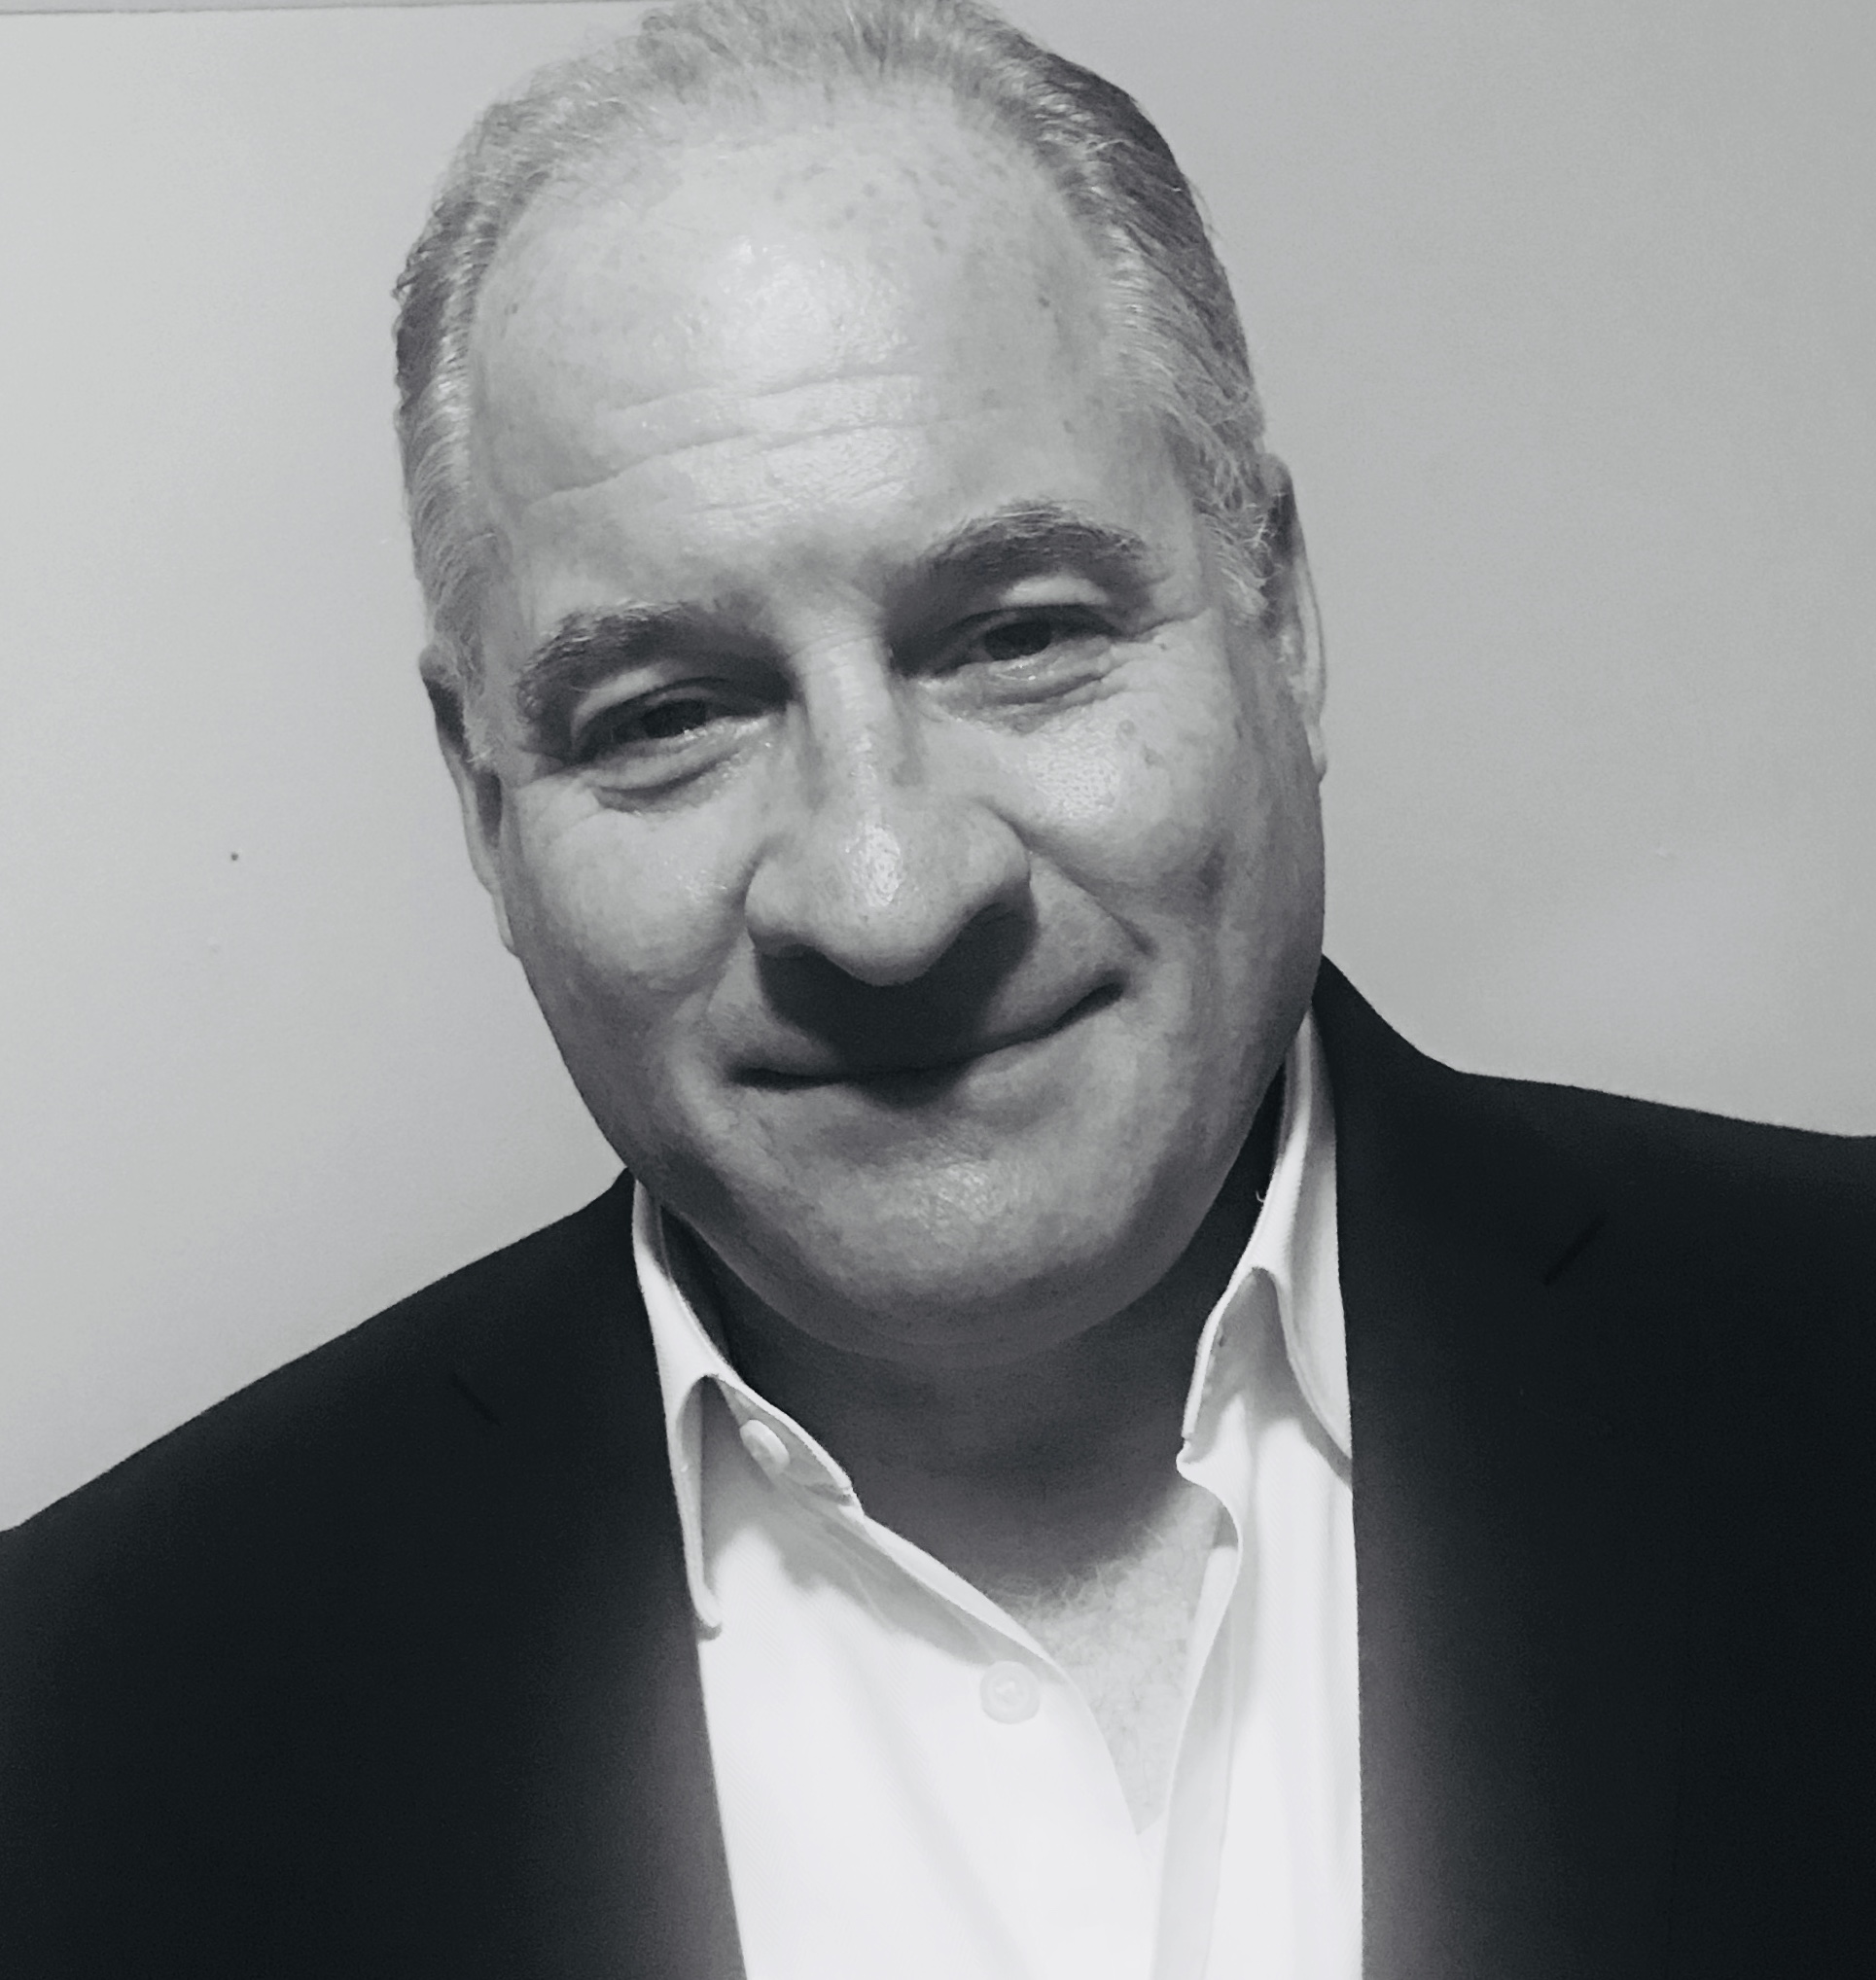 Jim Kelly